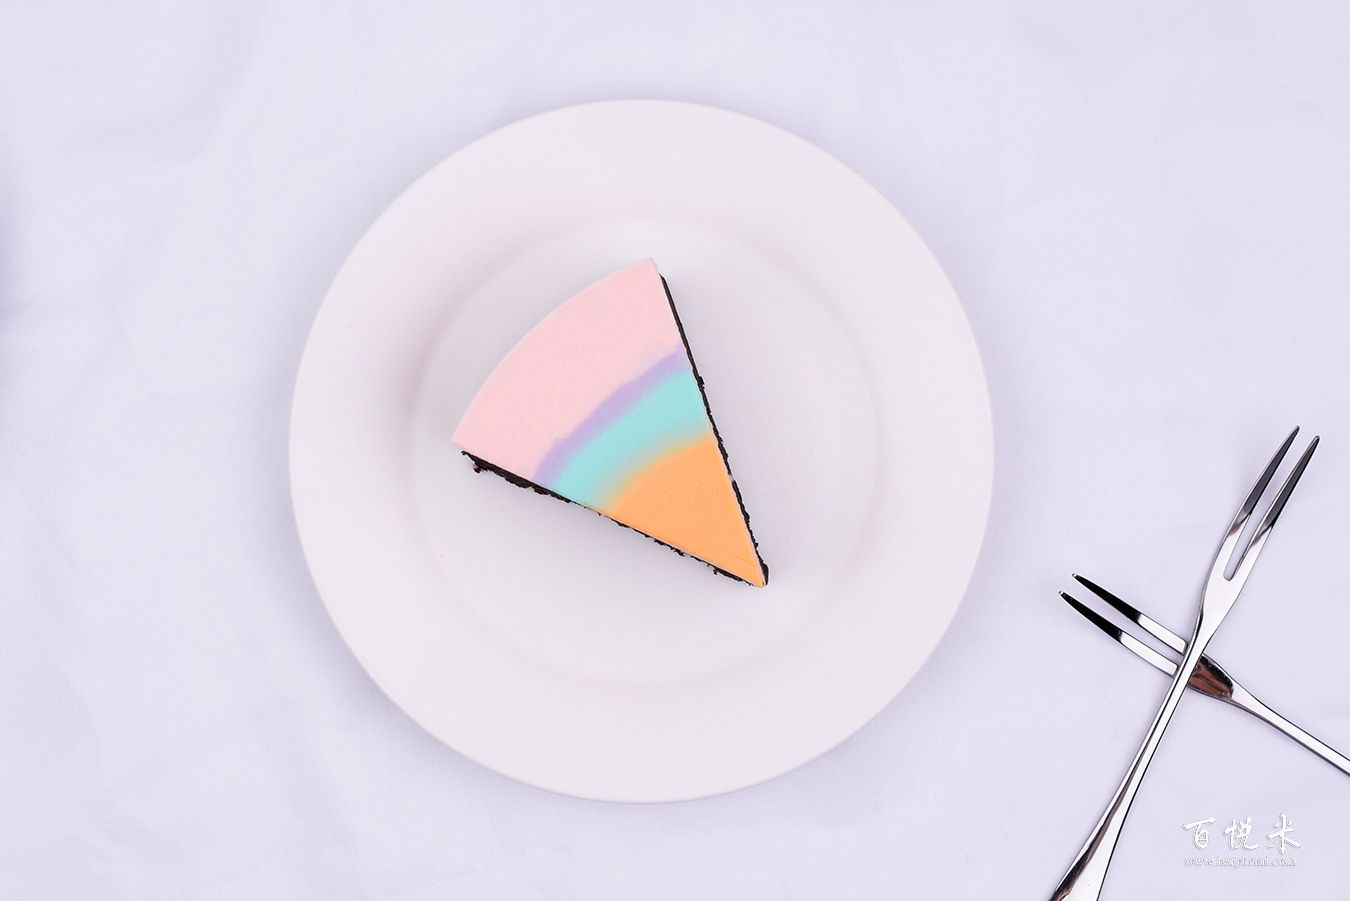 彩虹慕斯蛋糕高清图片大全【蛋糕图片】_670